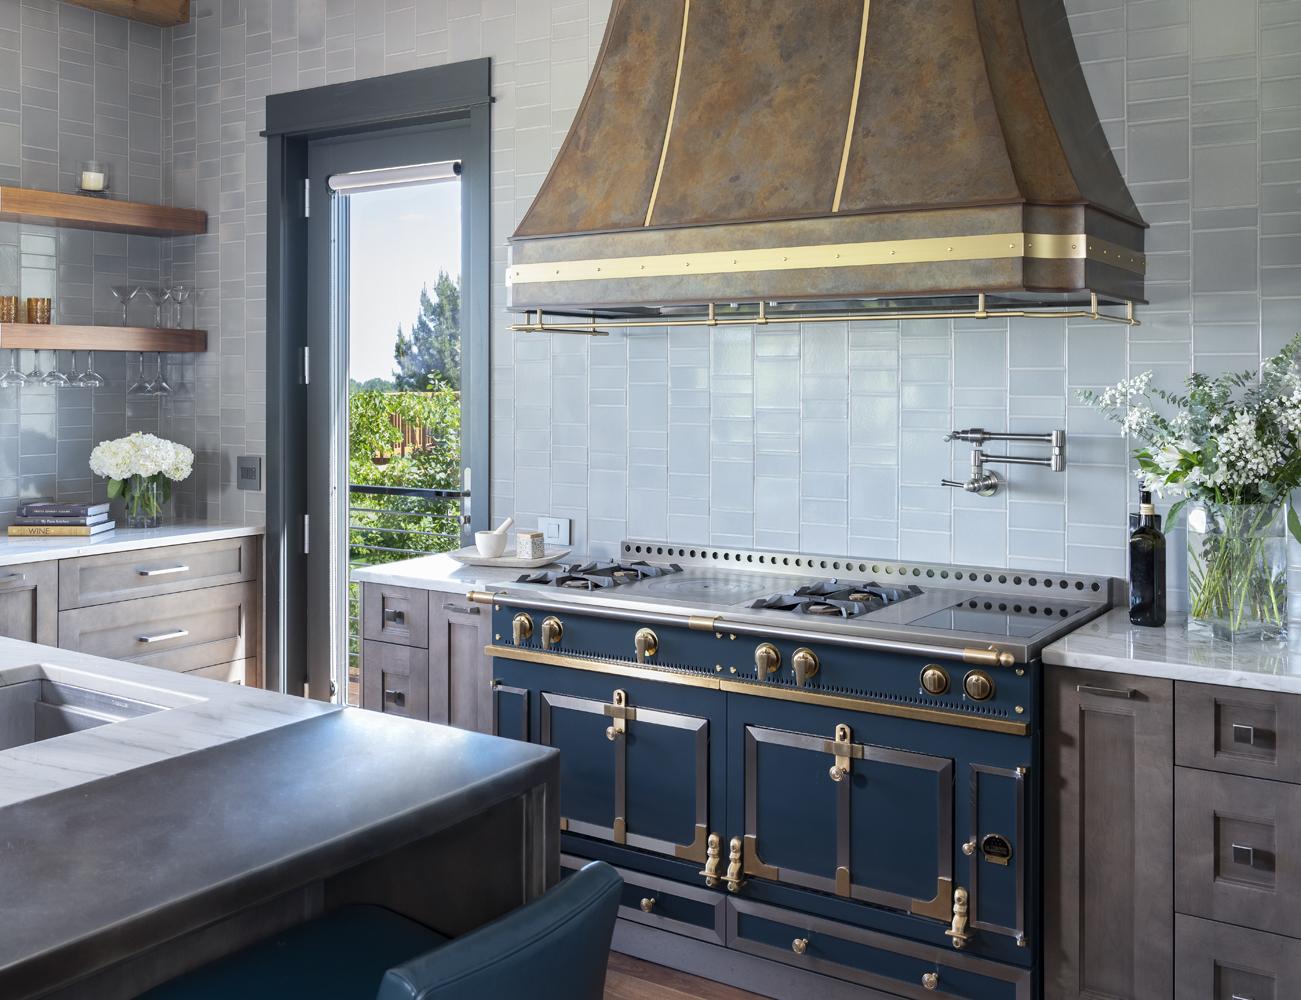 10-Kitchen Range Detail2.jpg